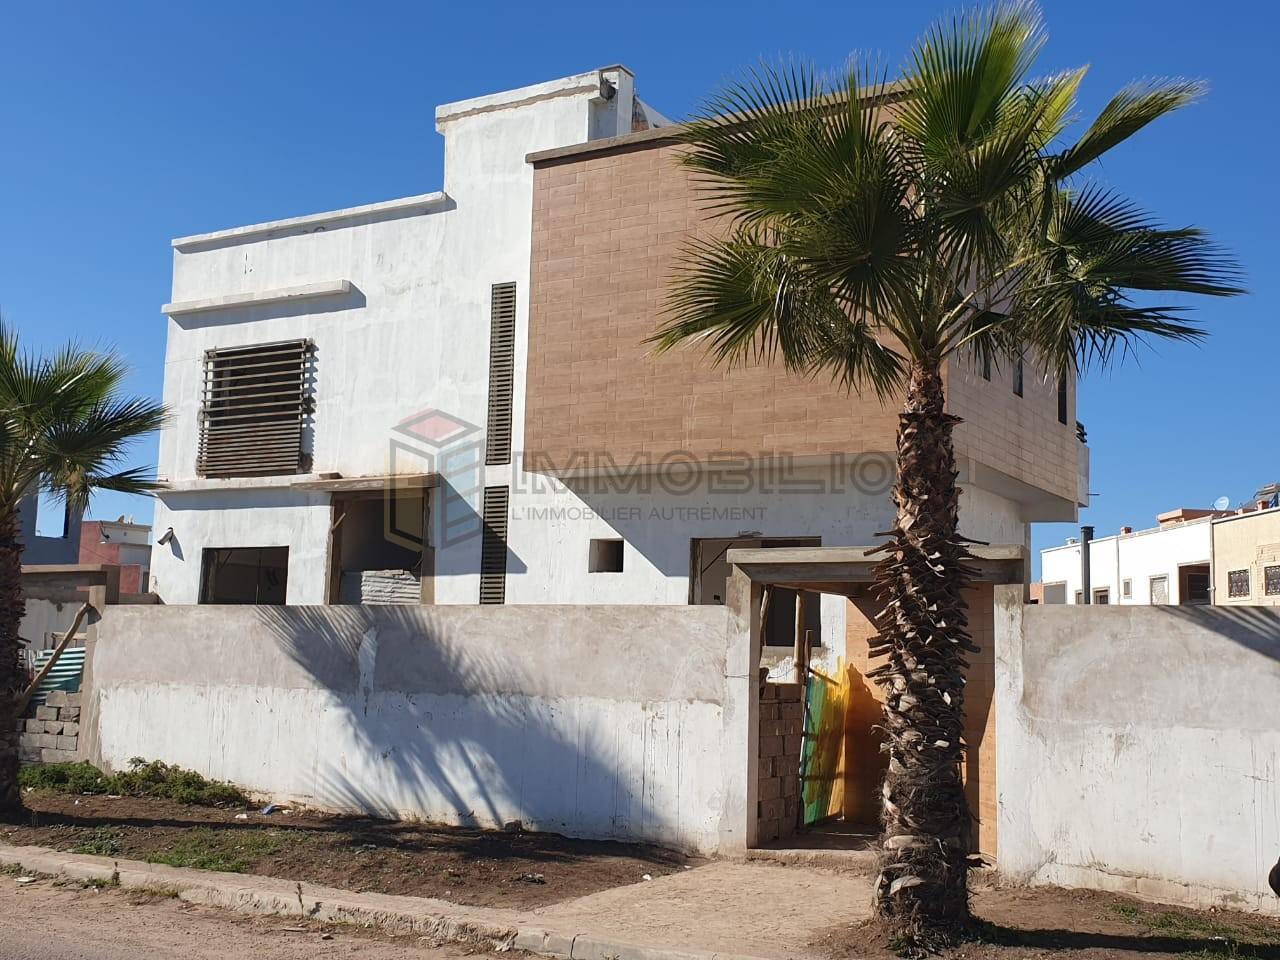 A vendre villa semie fini Berrechid